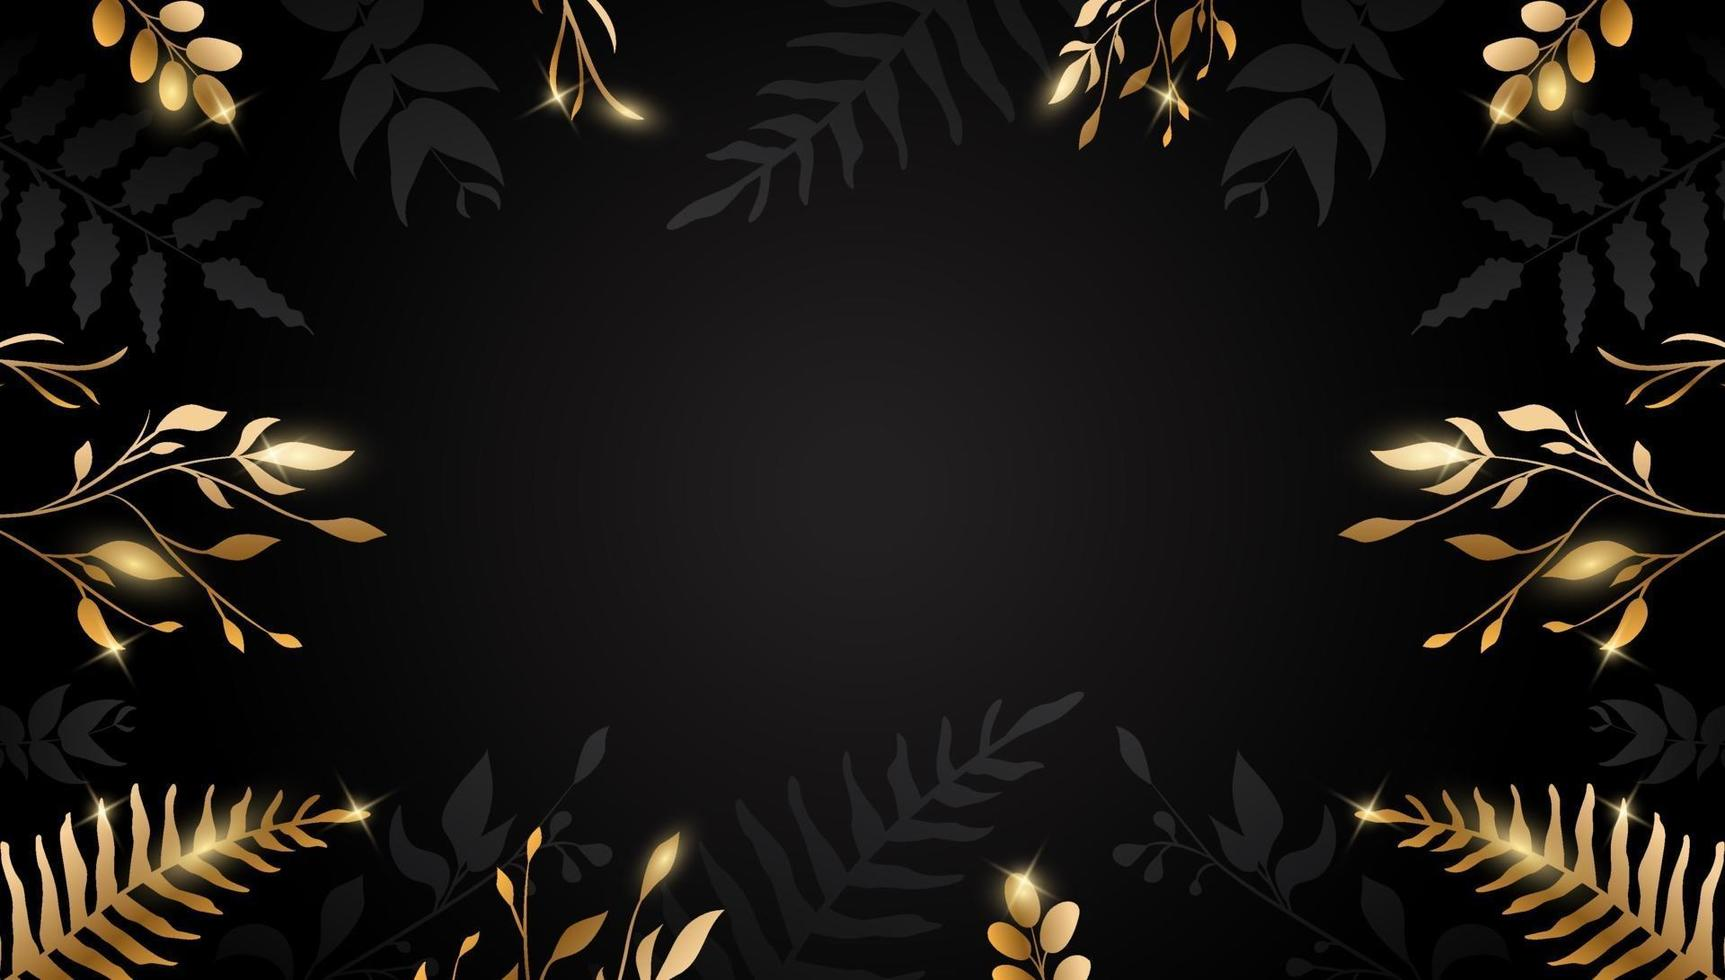 Gold leaf. Golden flower on dark background. Vector design for brochure, card, cover.